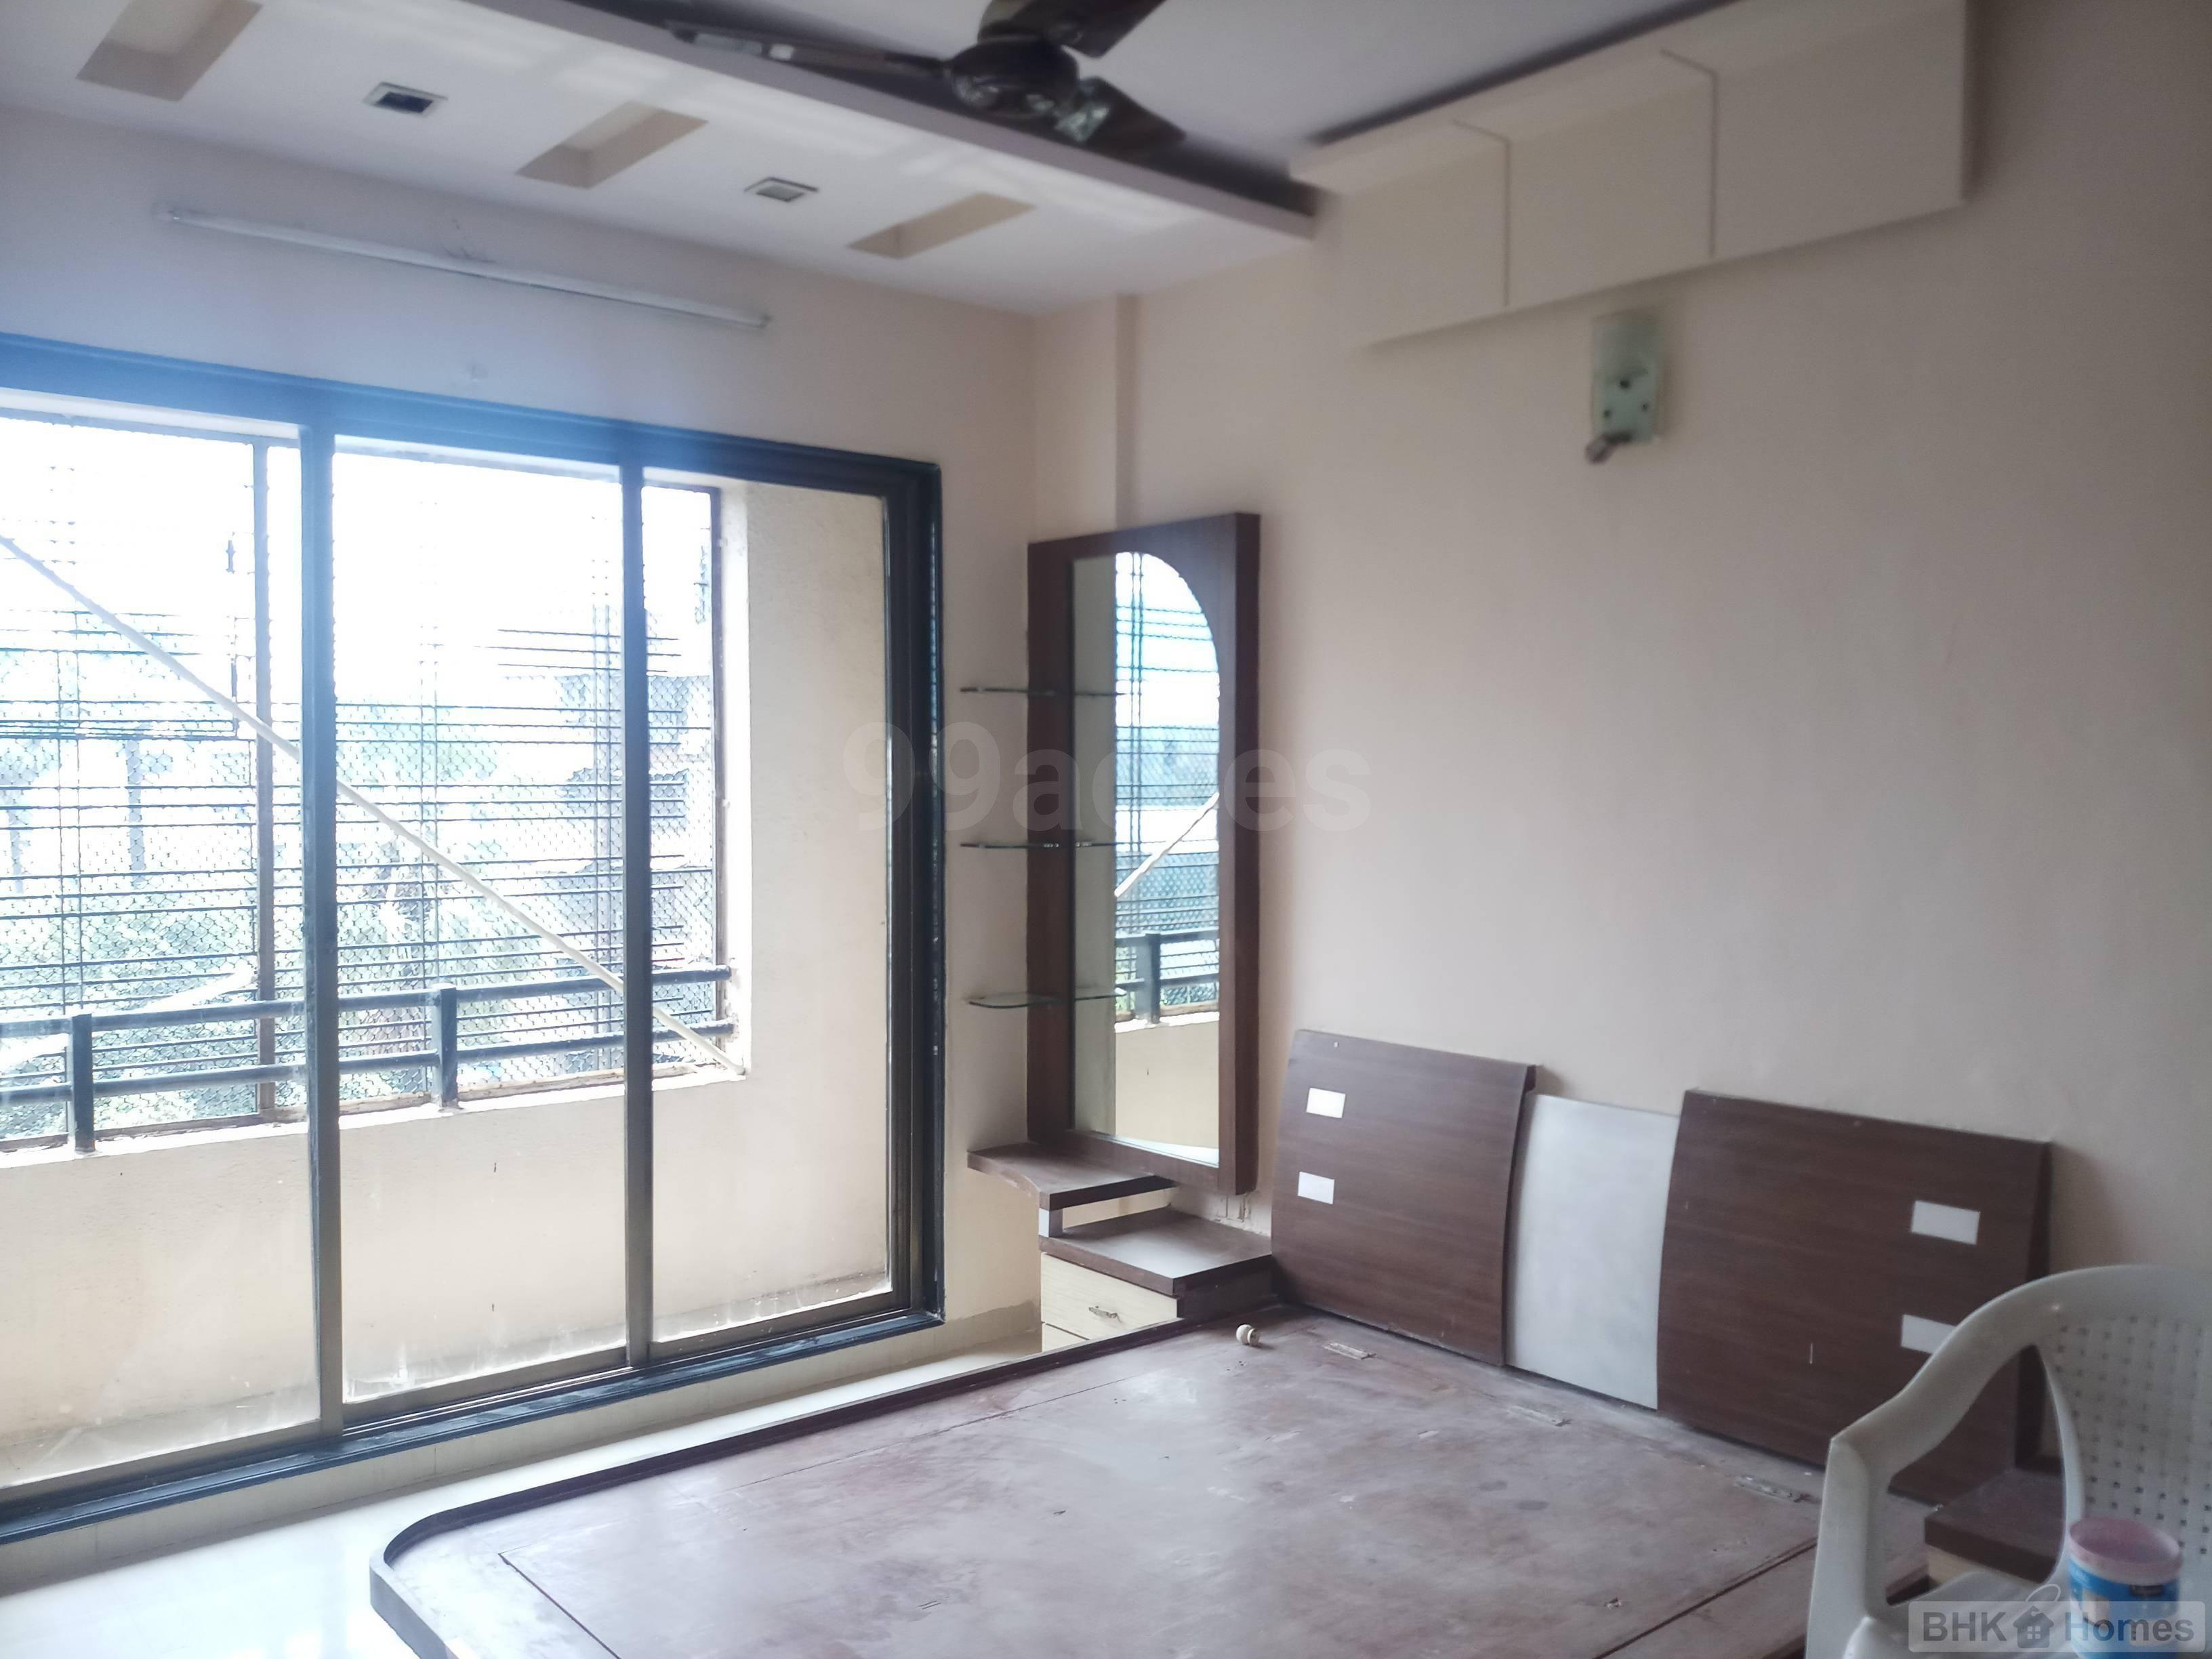 1 BHK Residential Apartment for Sale in Mukta Mahek Residency, Kandivali